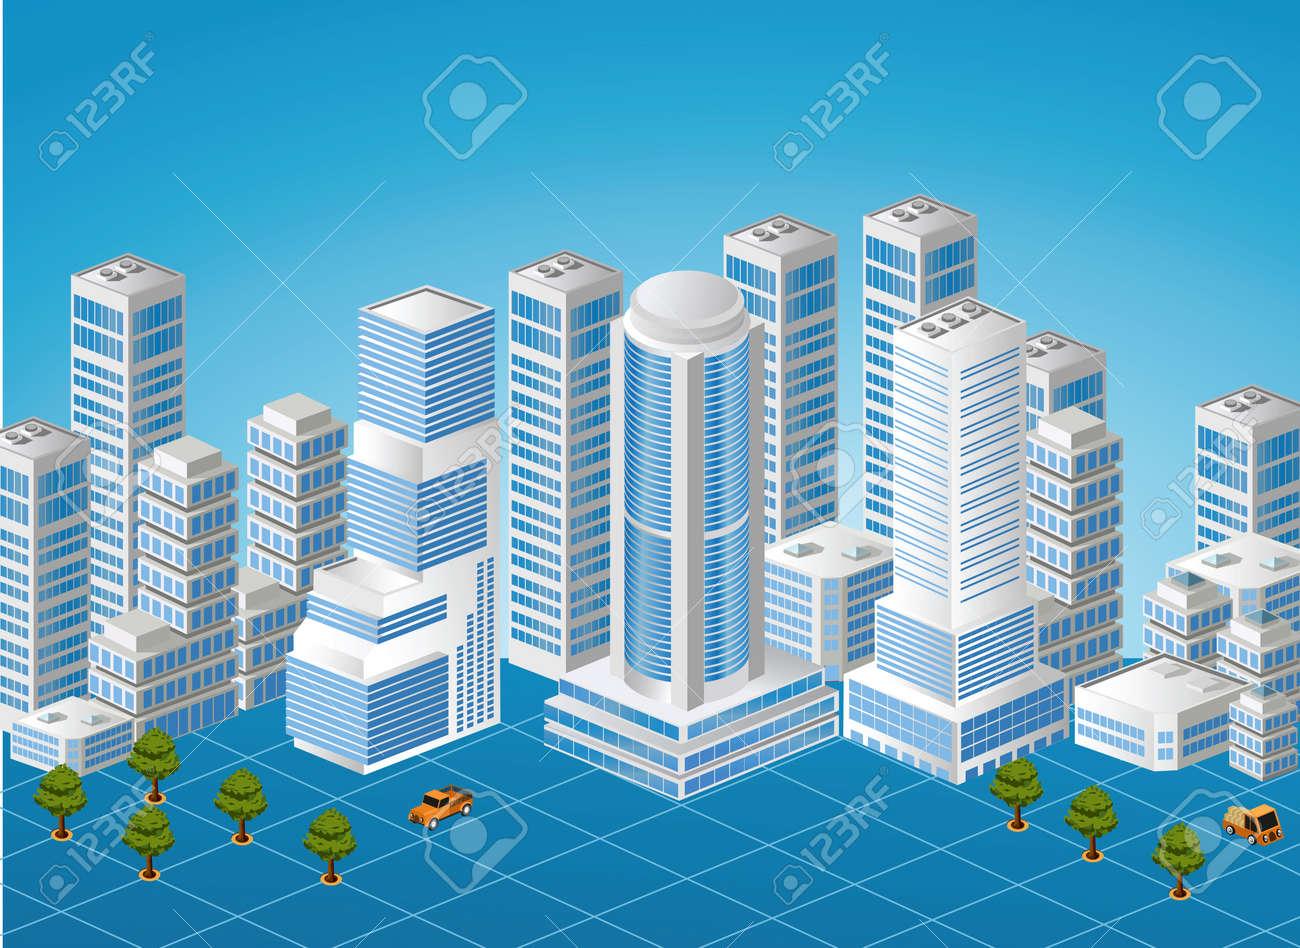 Immagine isometrica di un frammento della città su uno sfondo colorato Archivio Fotografico - 13691607